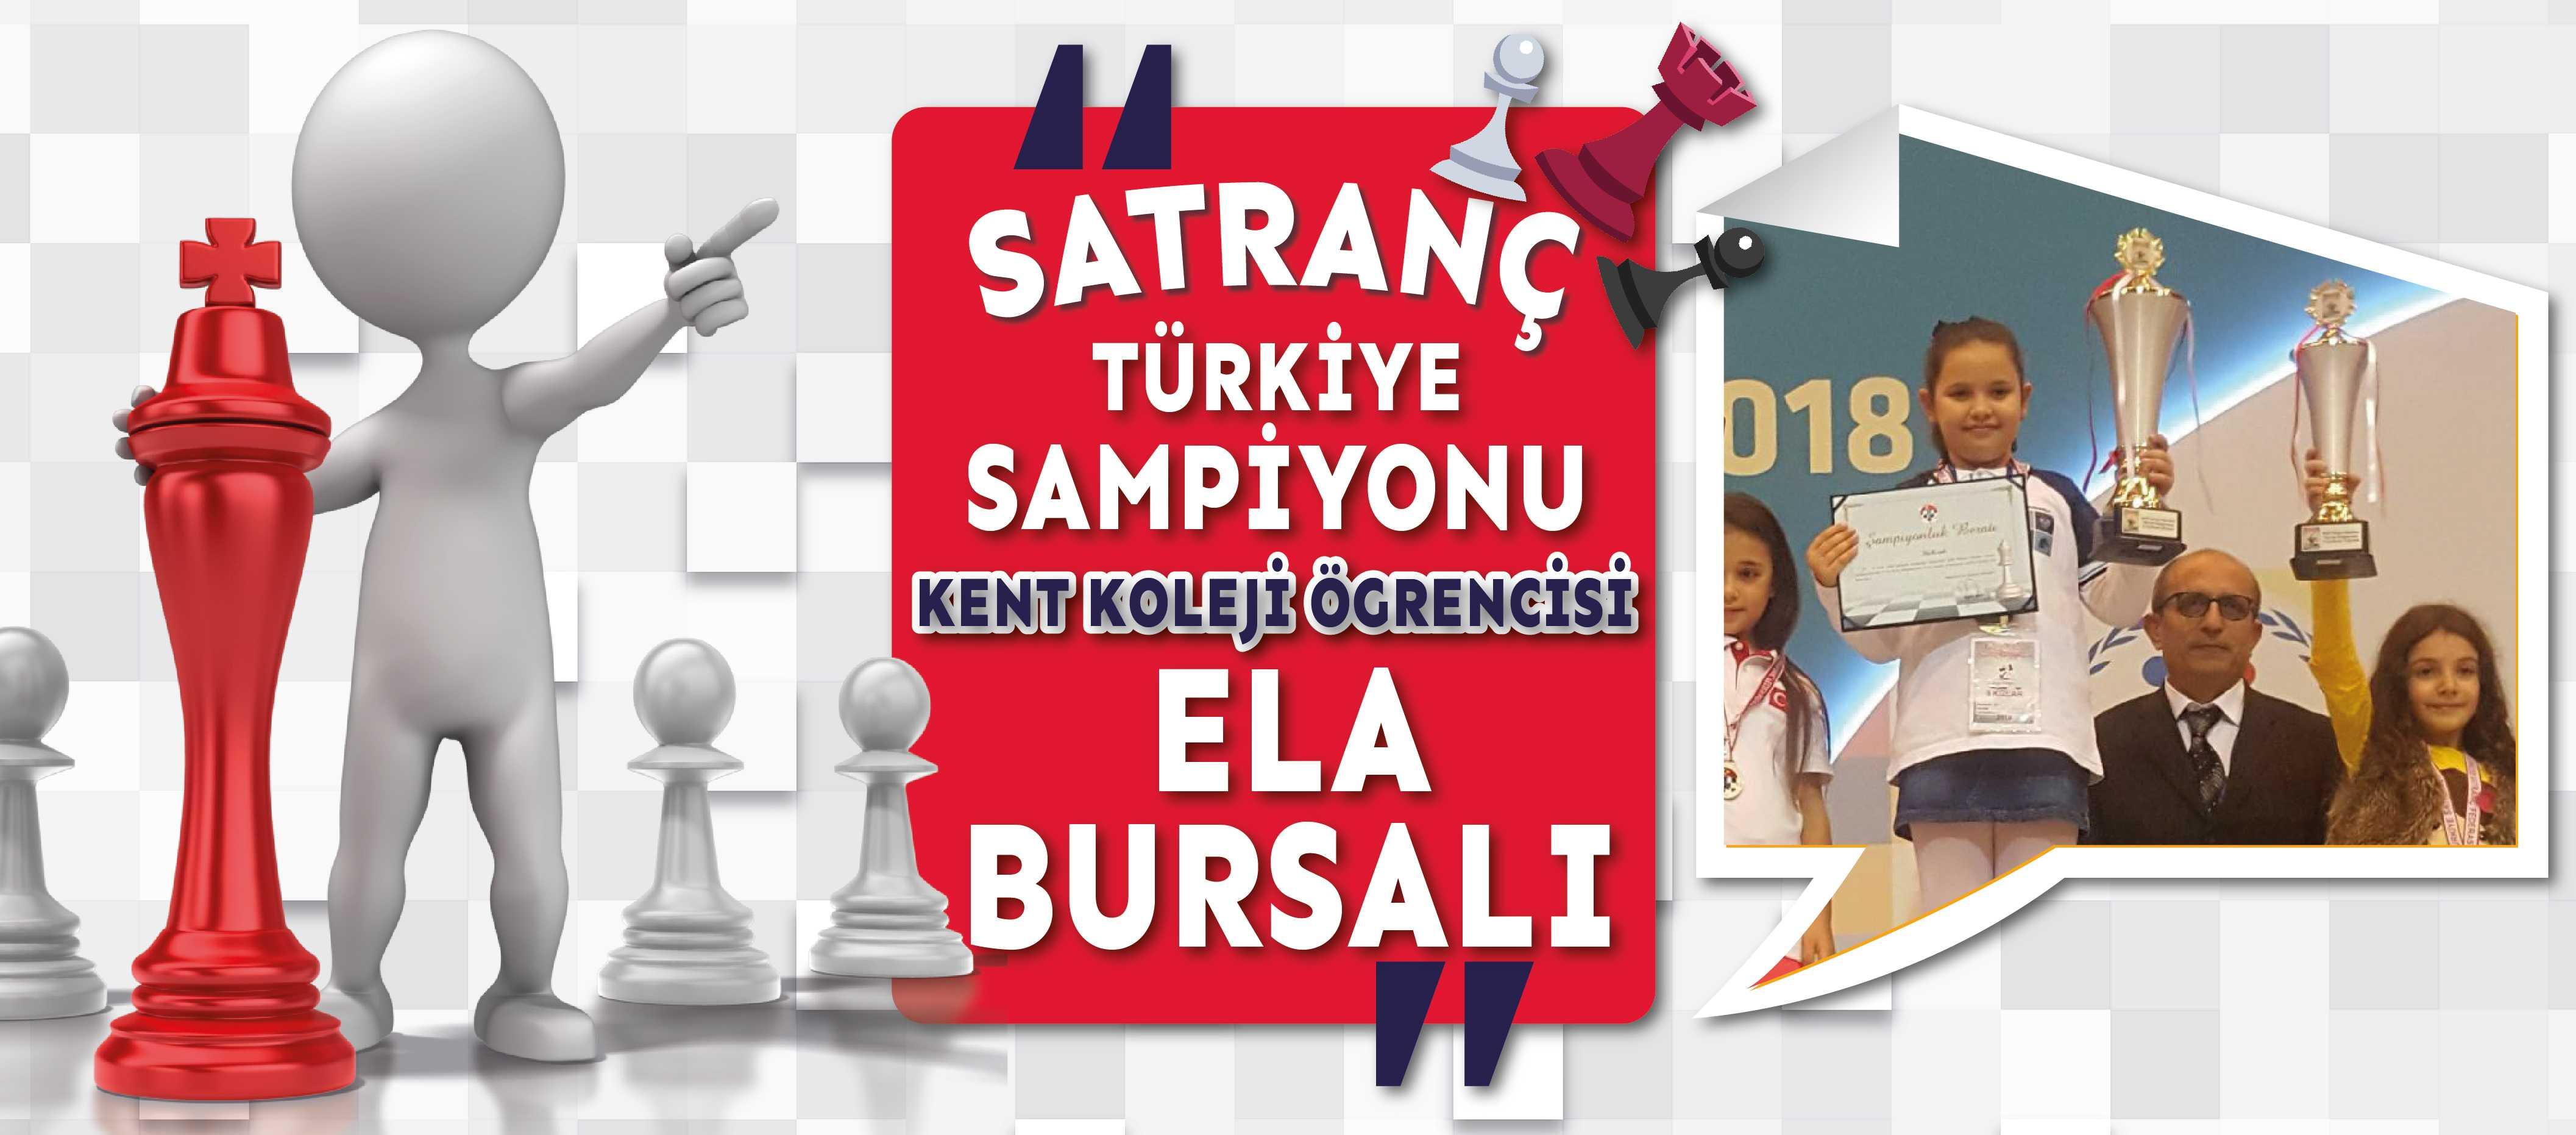 KENT KOLEJİ 3. SINIF ÖĞRENCİMİZ TÜRKİYE ŞAMPİYONU !